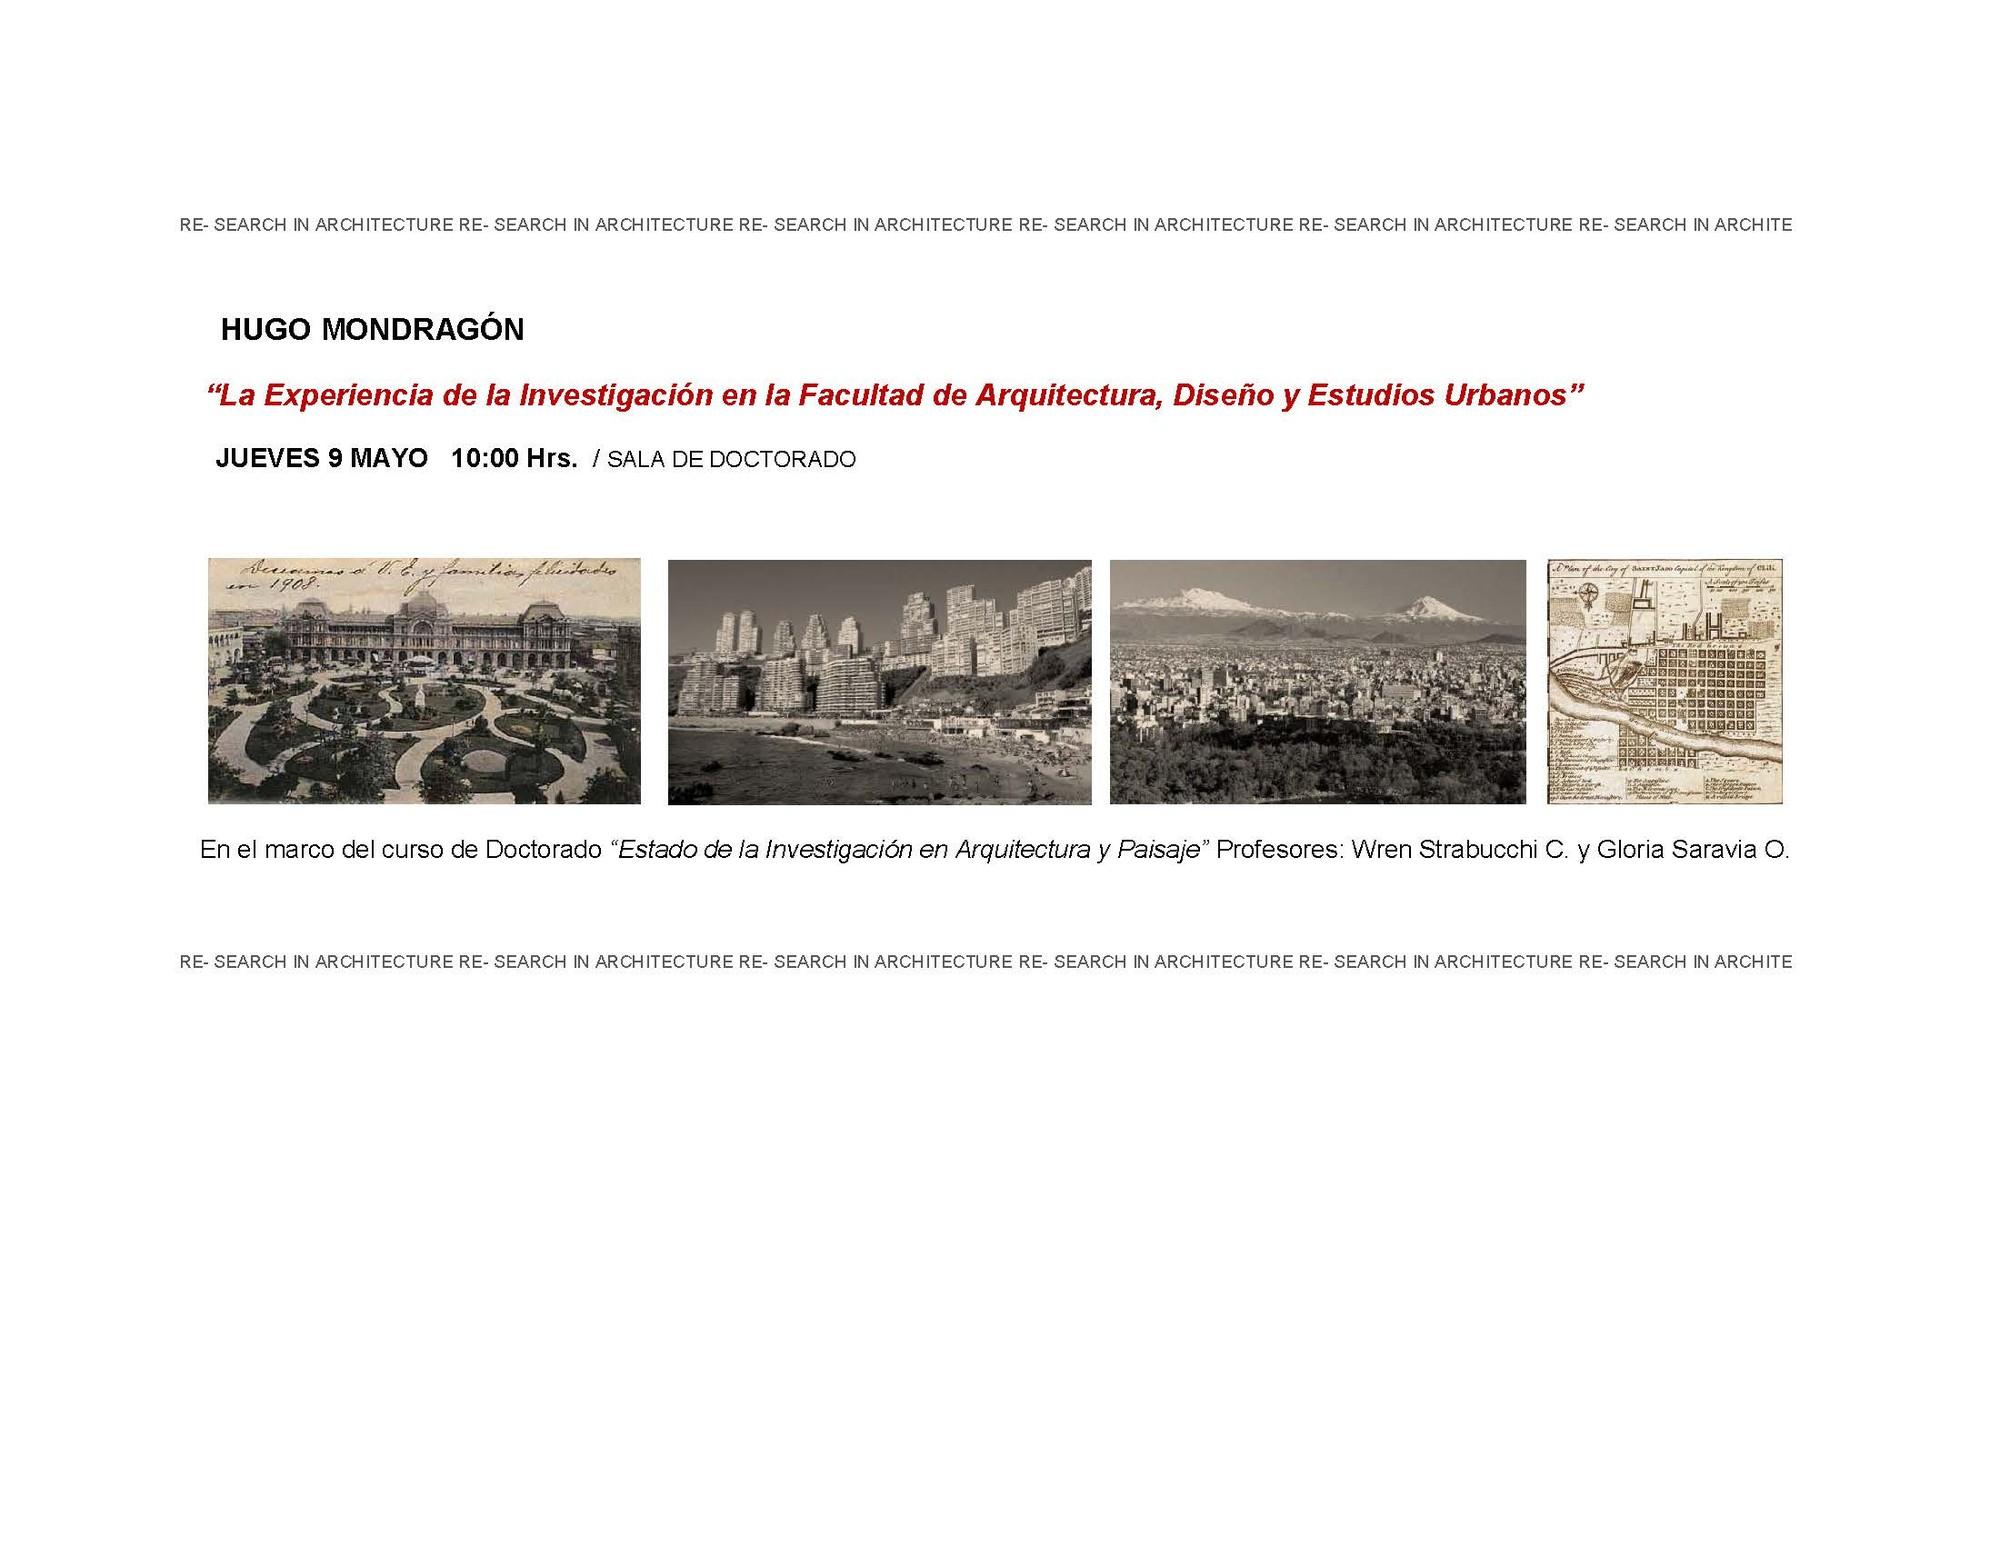 Conferencia de Hugo Mondragón en la UC: La Experiencia de la Investigación en la Facultad de Arquitectura, Diseño y Estudios Urbanos